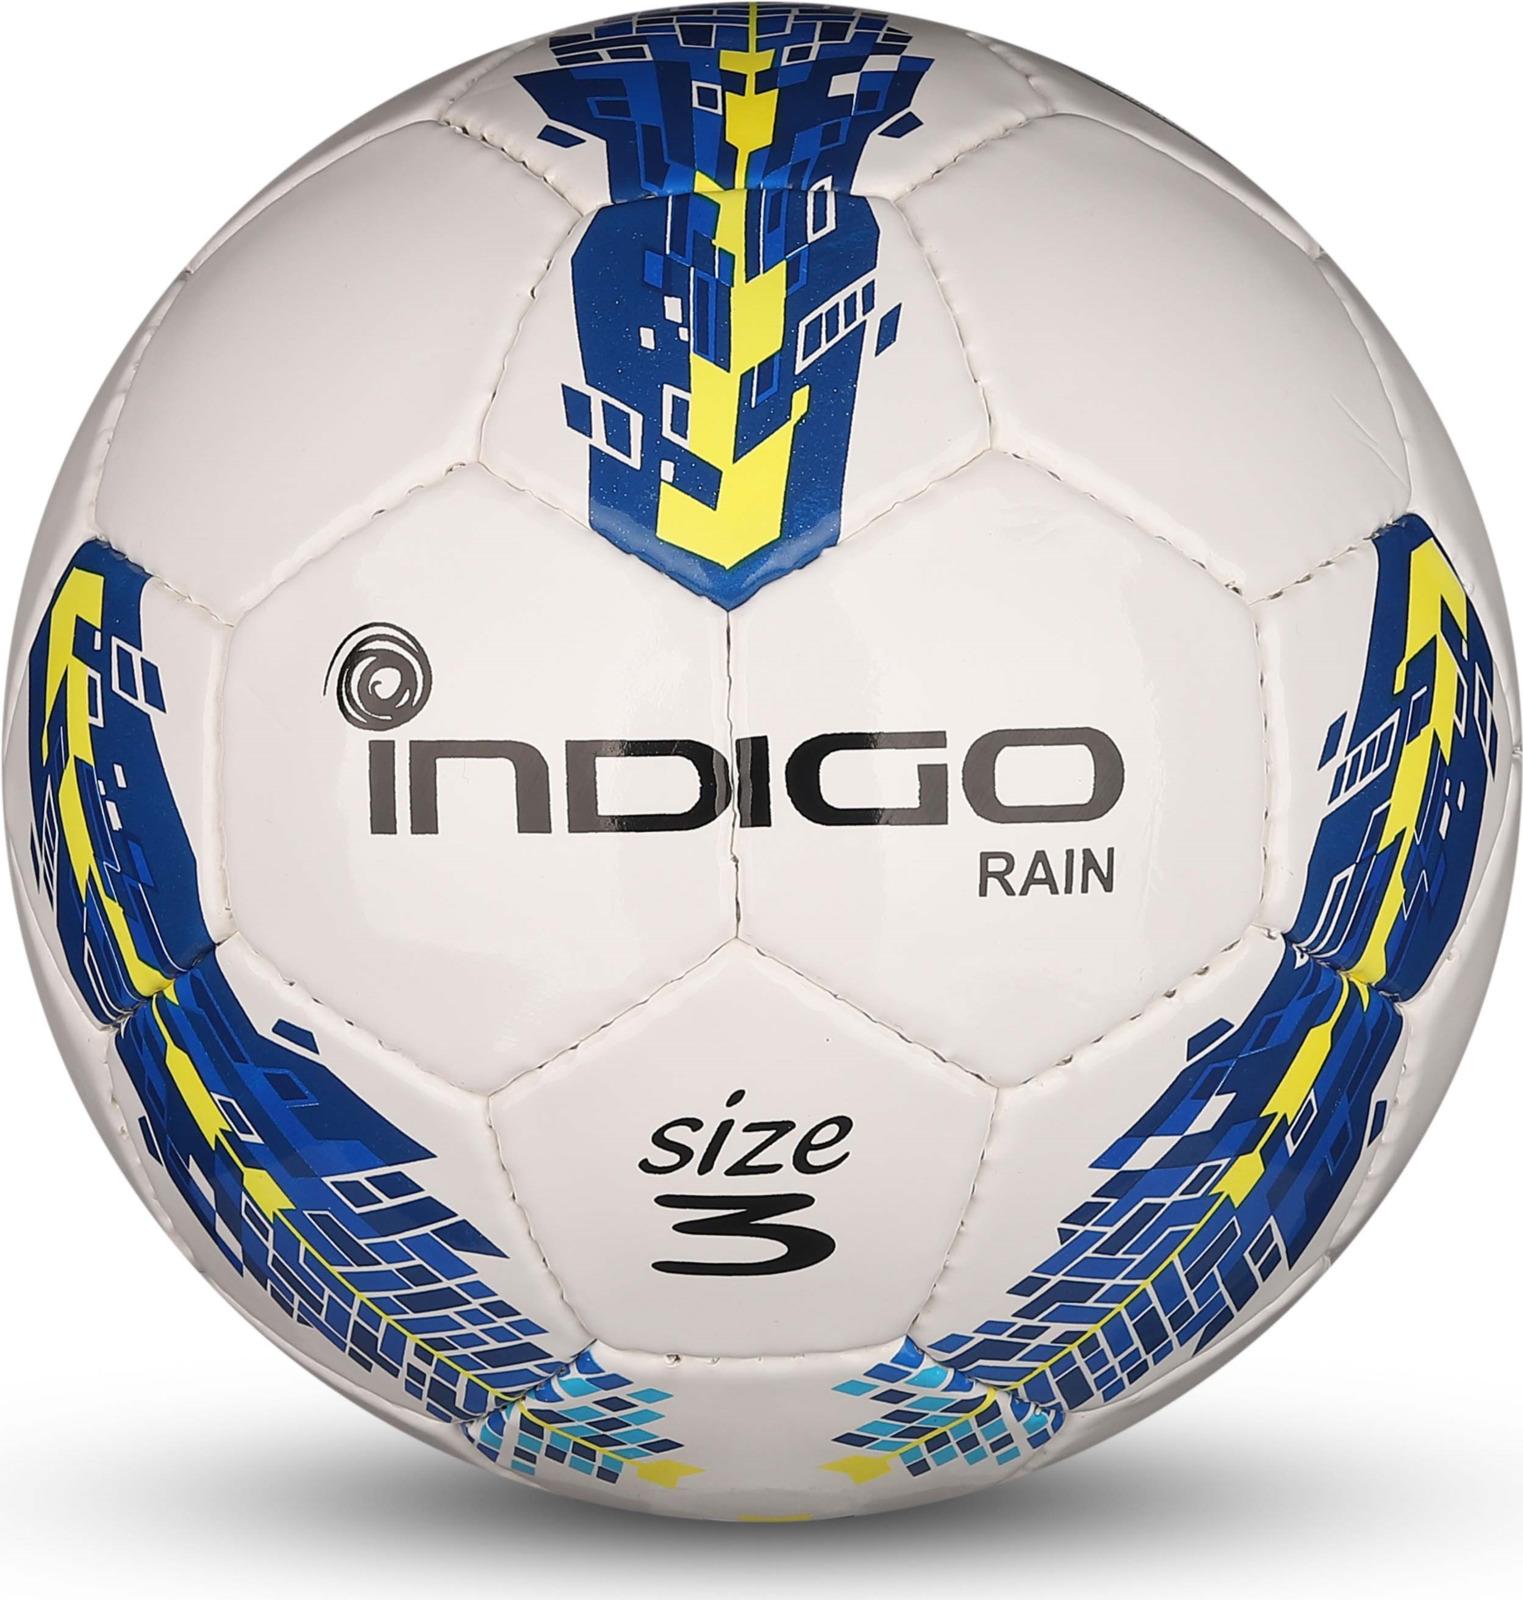 Мяч футбольный Indigo Rain, IN031, белый, синий, желтый, размер 3